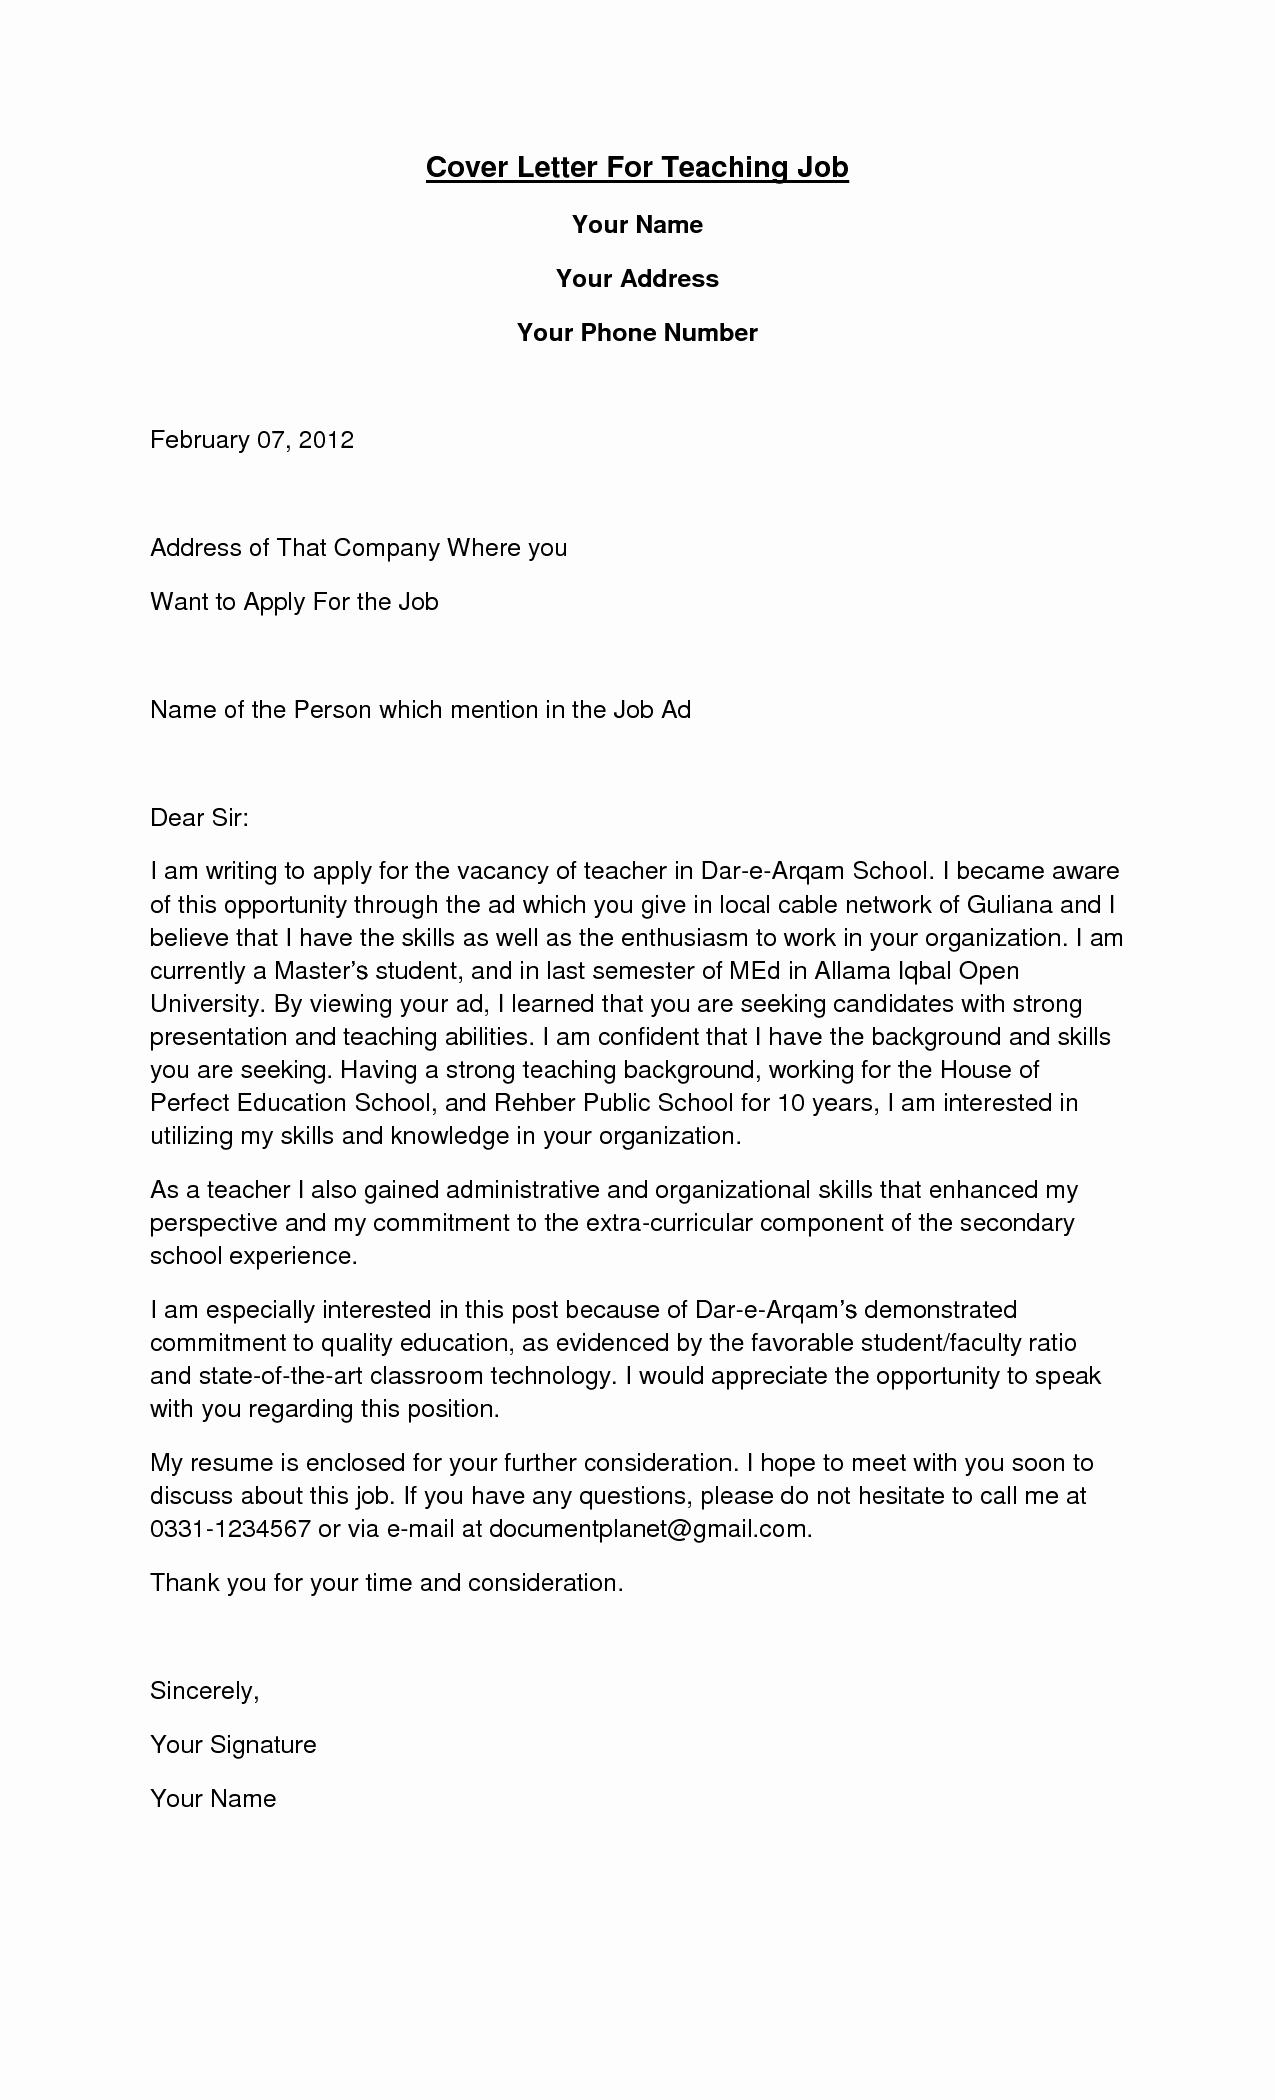 Sample Cover Letter for Teaching Position